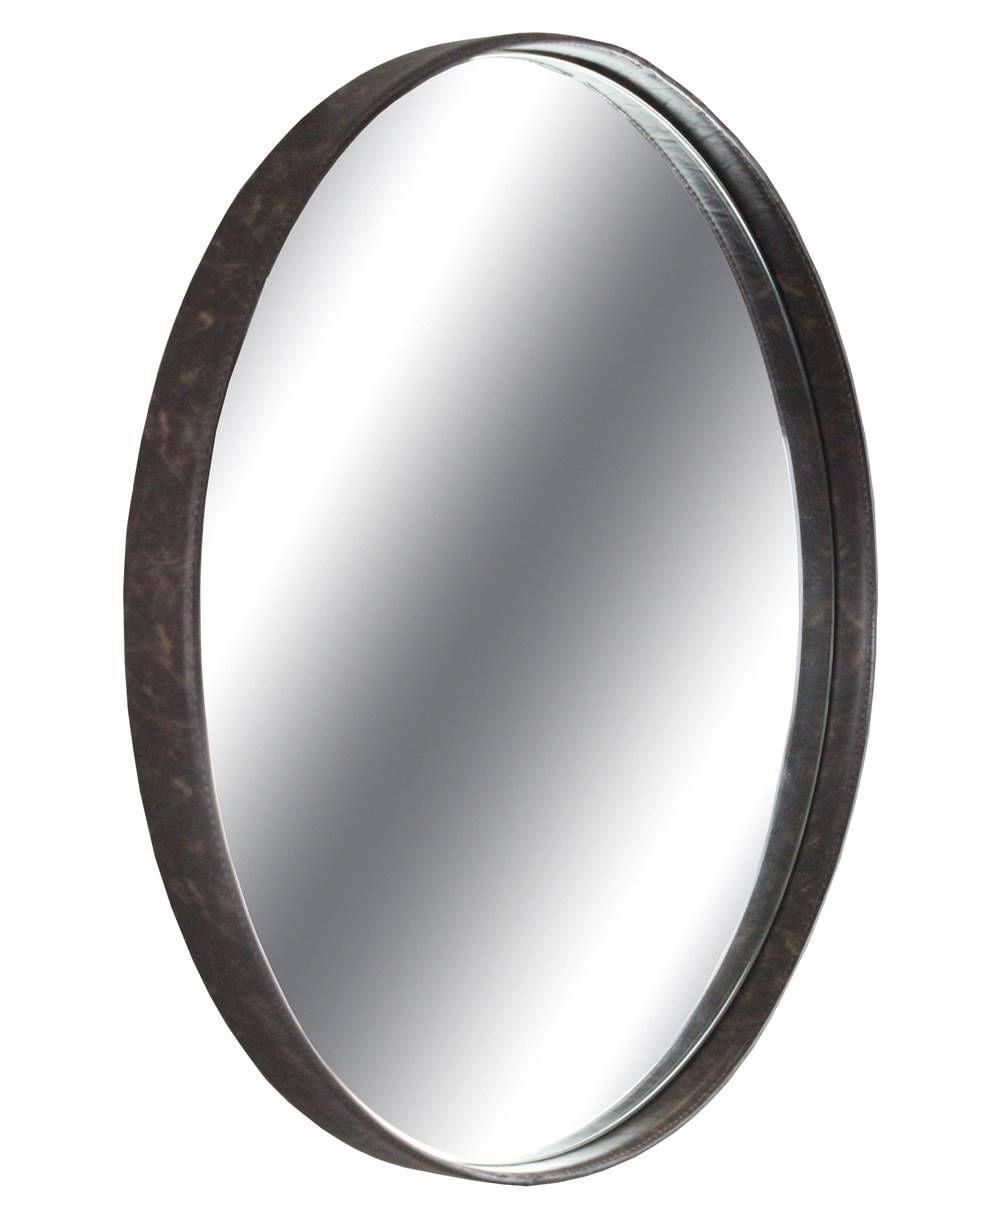 Espelho Boris Moldura Aco Revestido em Couro Castanho 75 cm (LARG) - 43557